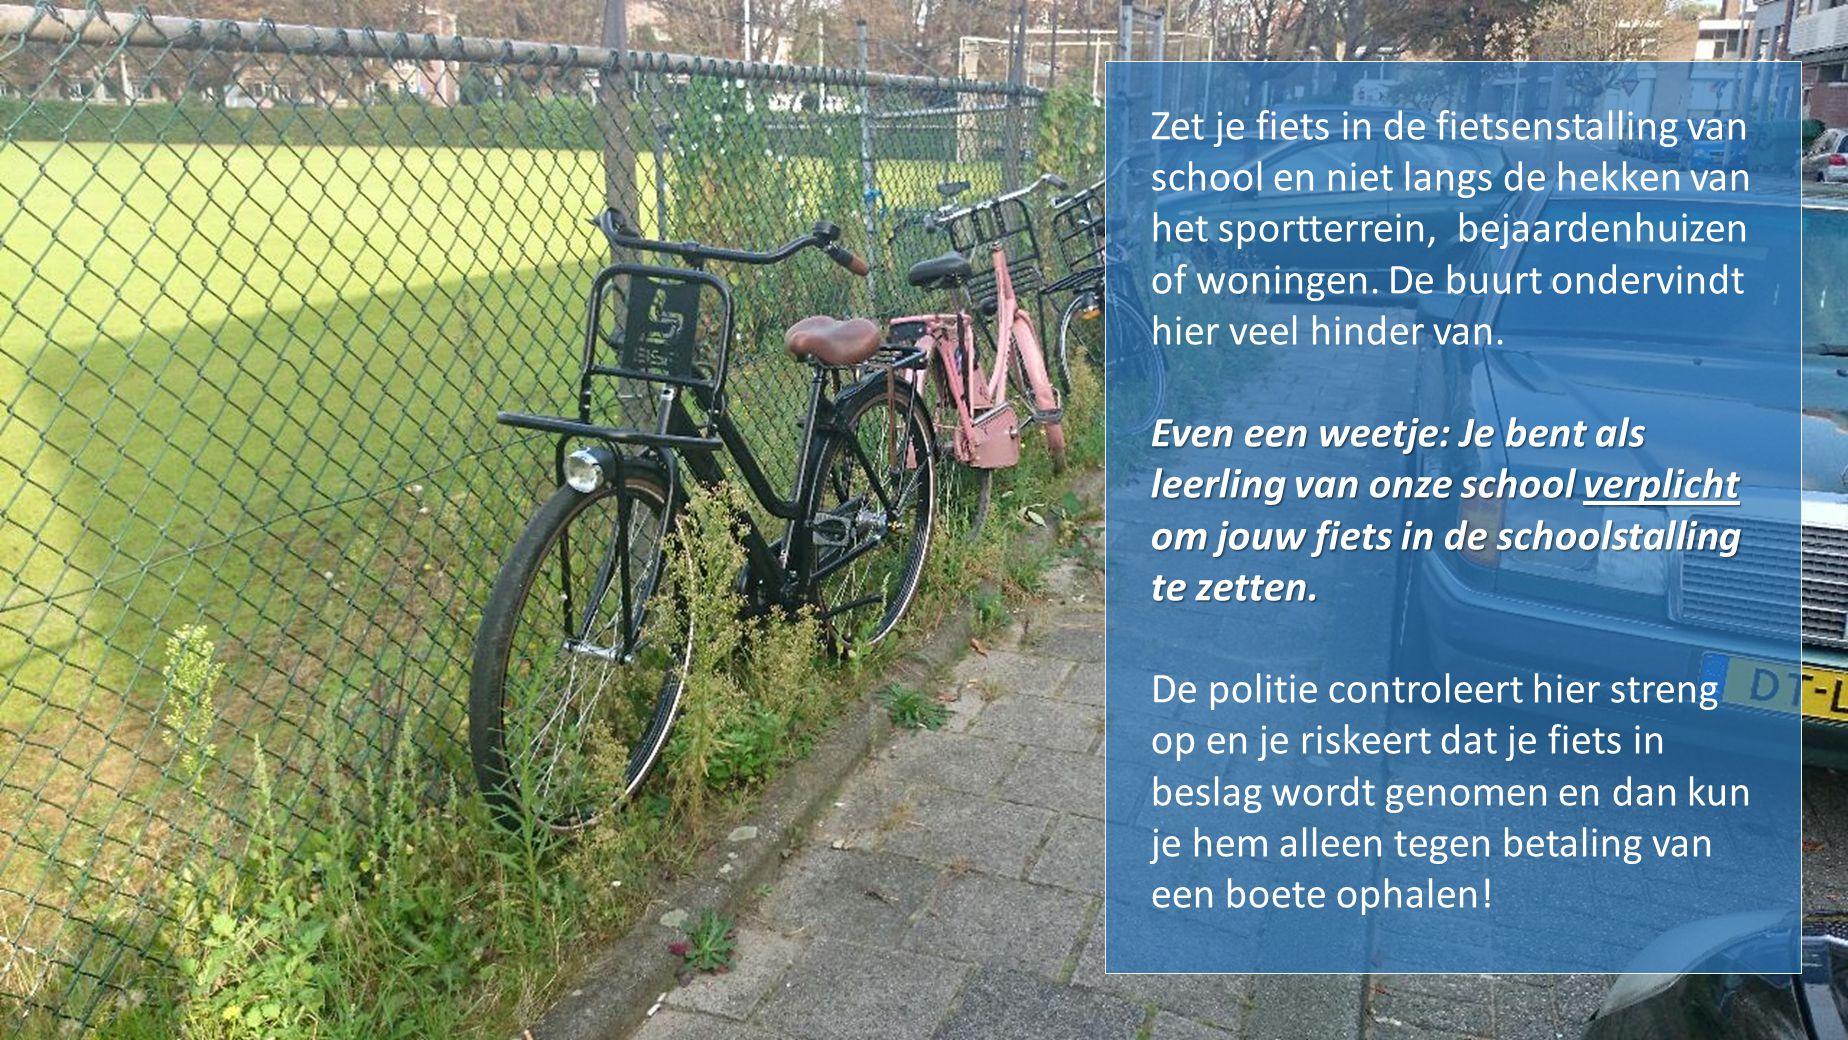 Zet je fiets in de fietsenstalling van school en niet langs de hekken van het sportterrein, bejaardenhuizen of woningen.